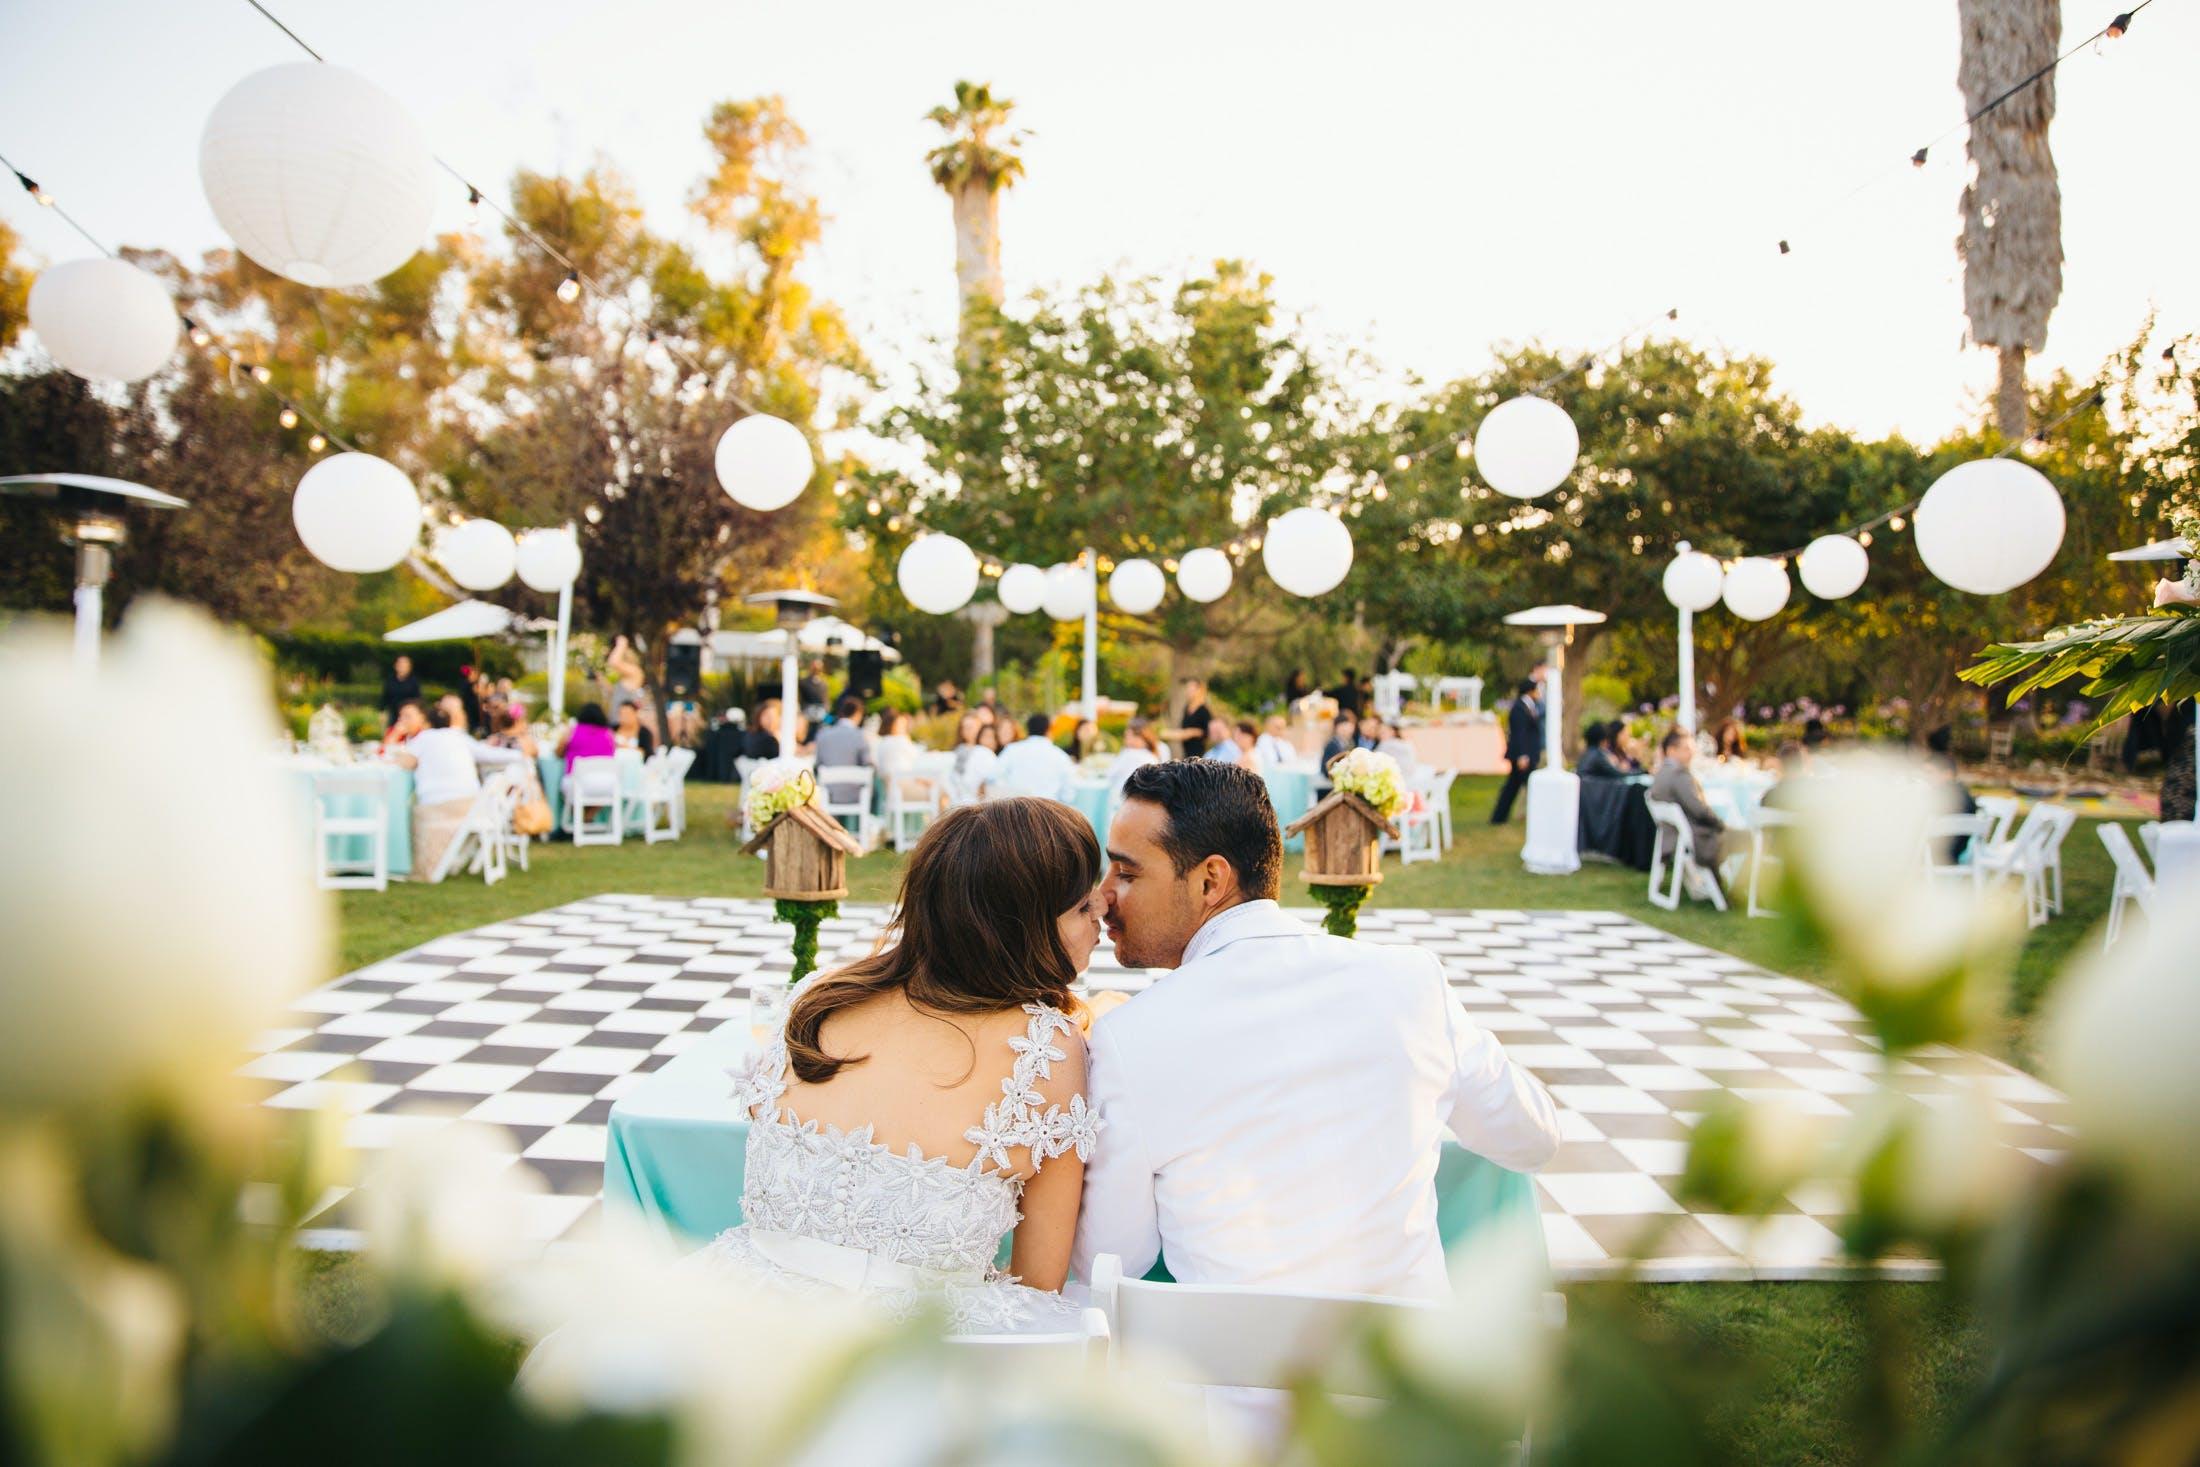 los angeles botanic garden wedding venue